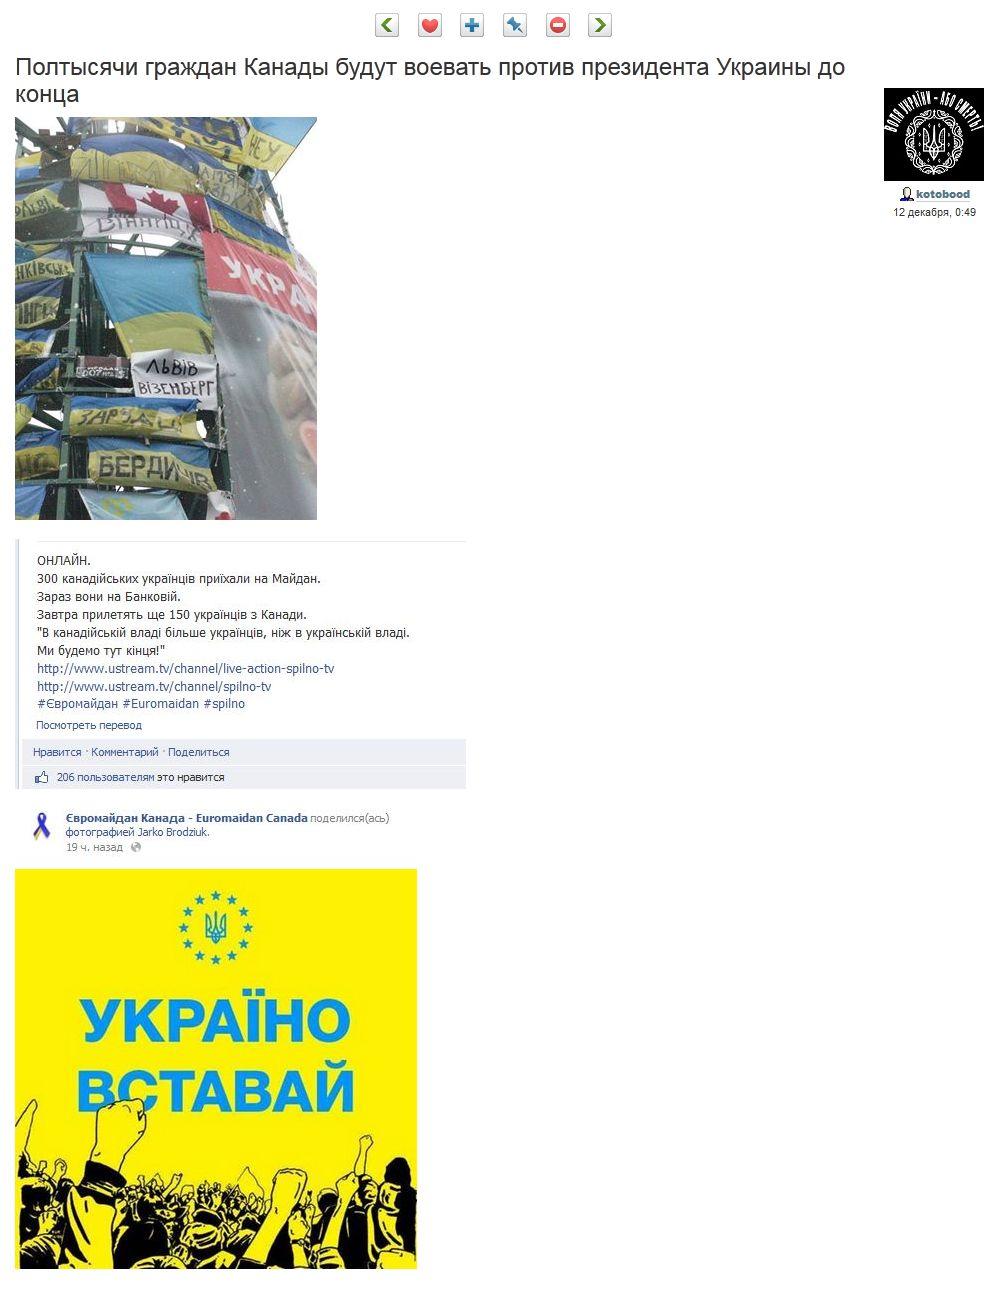 FireShot Screen Capture #2615 - 'ОПК України - Полтысячи граждан Канады будут воевать против президента Украины до конца' - kotobood_livejournal_com_1723249_html